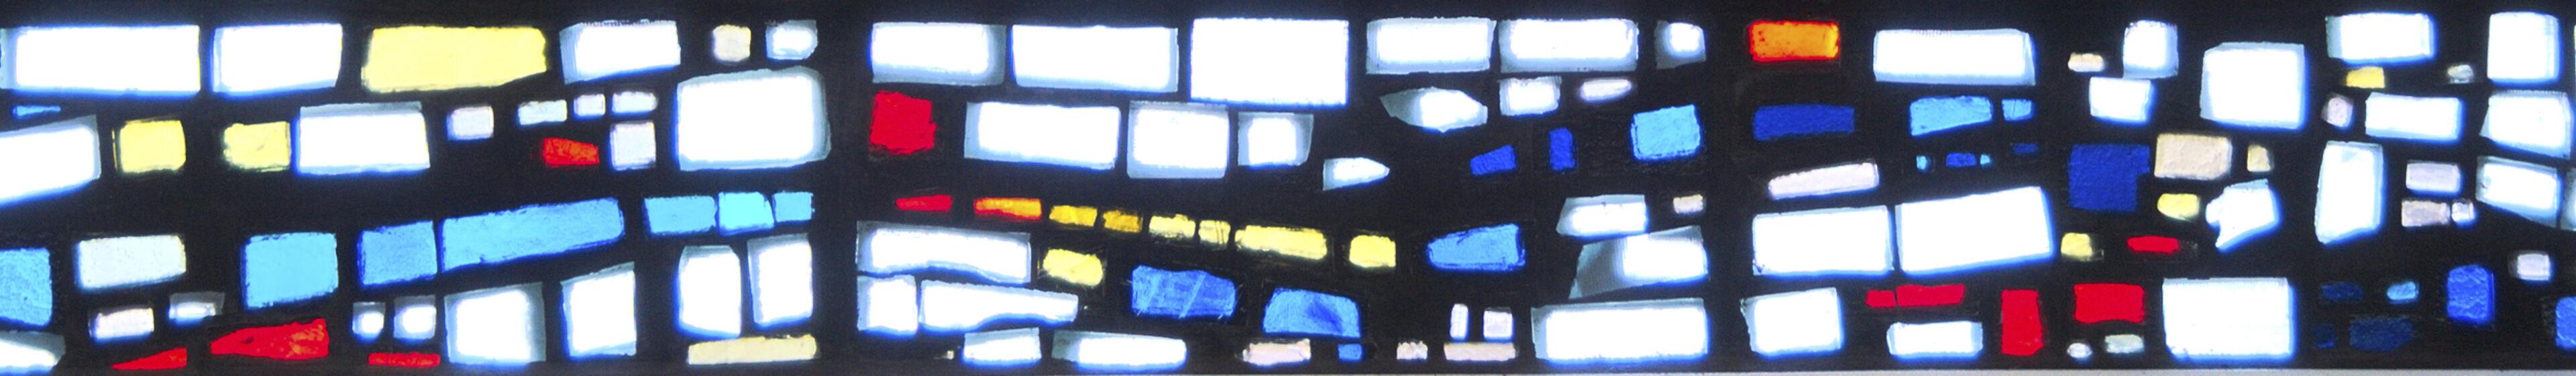 Friedhof-Fenster-Seite